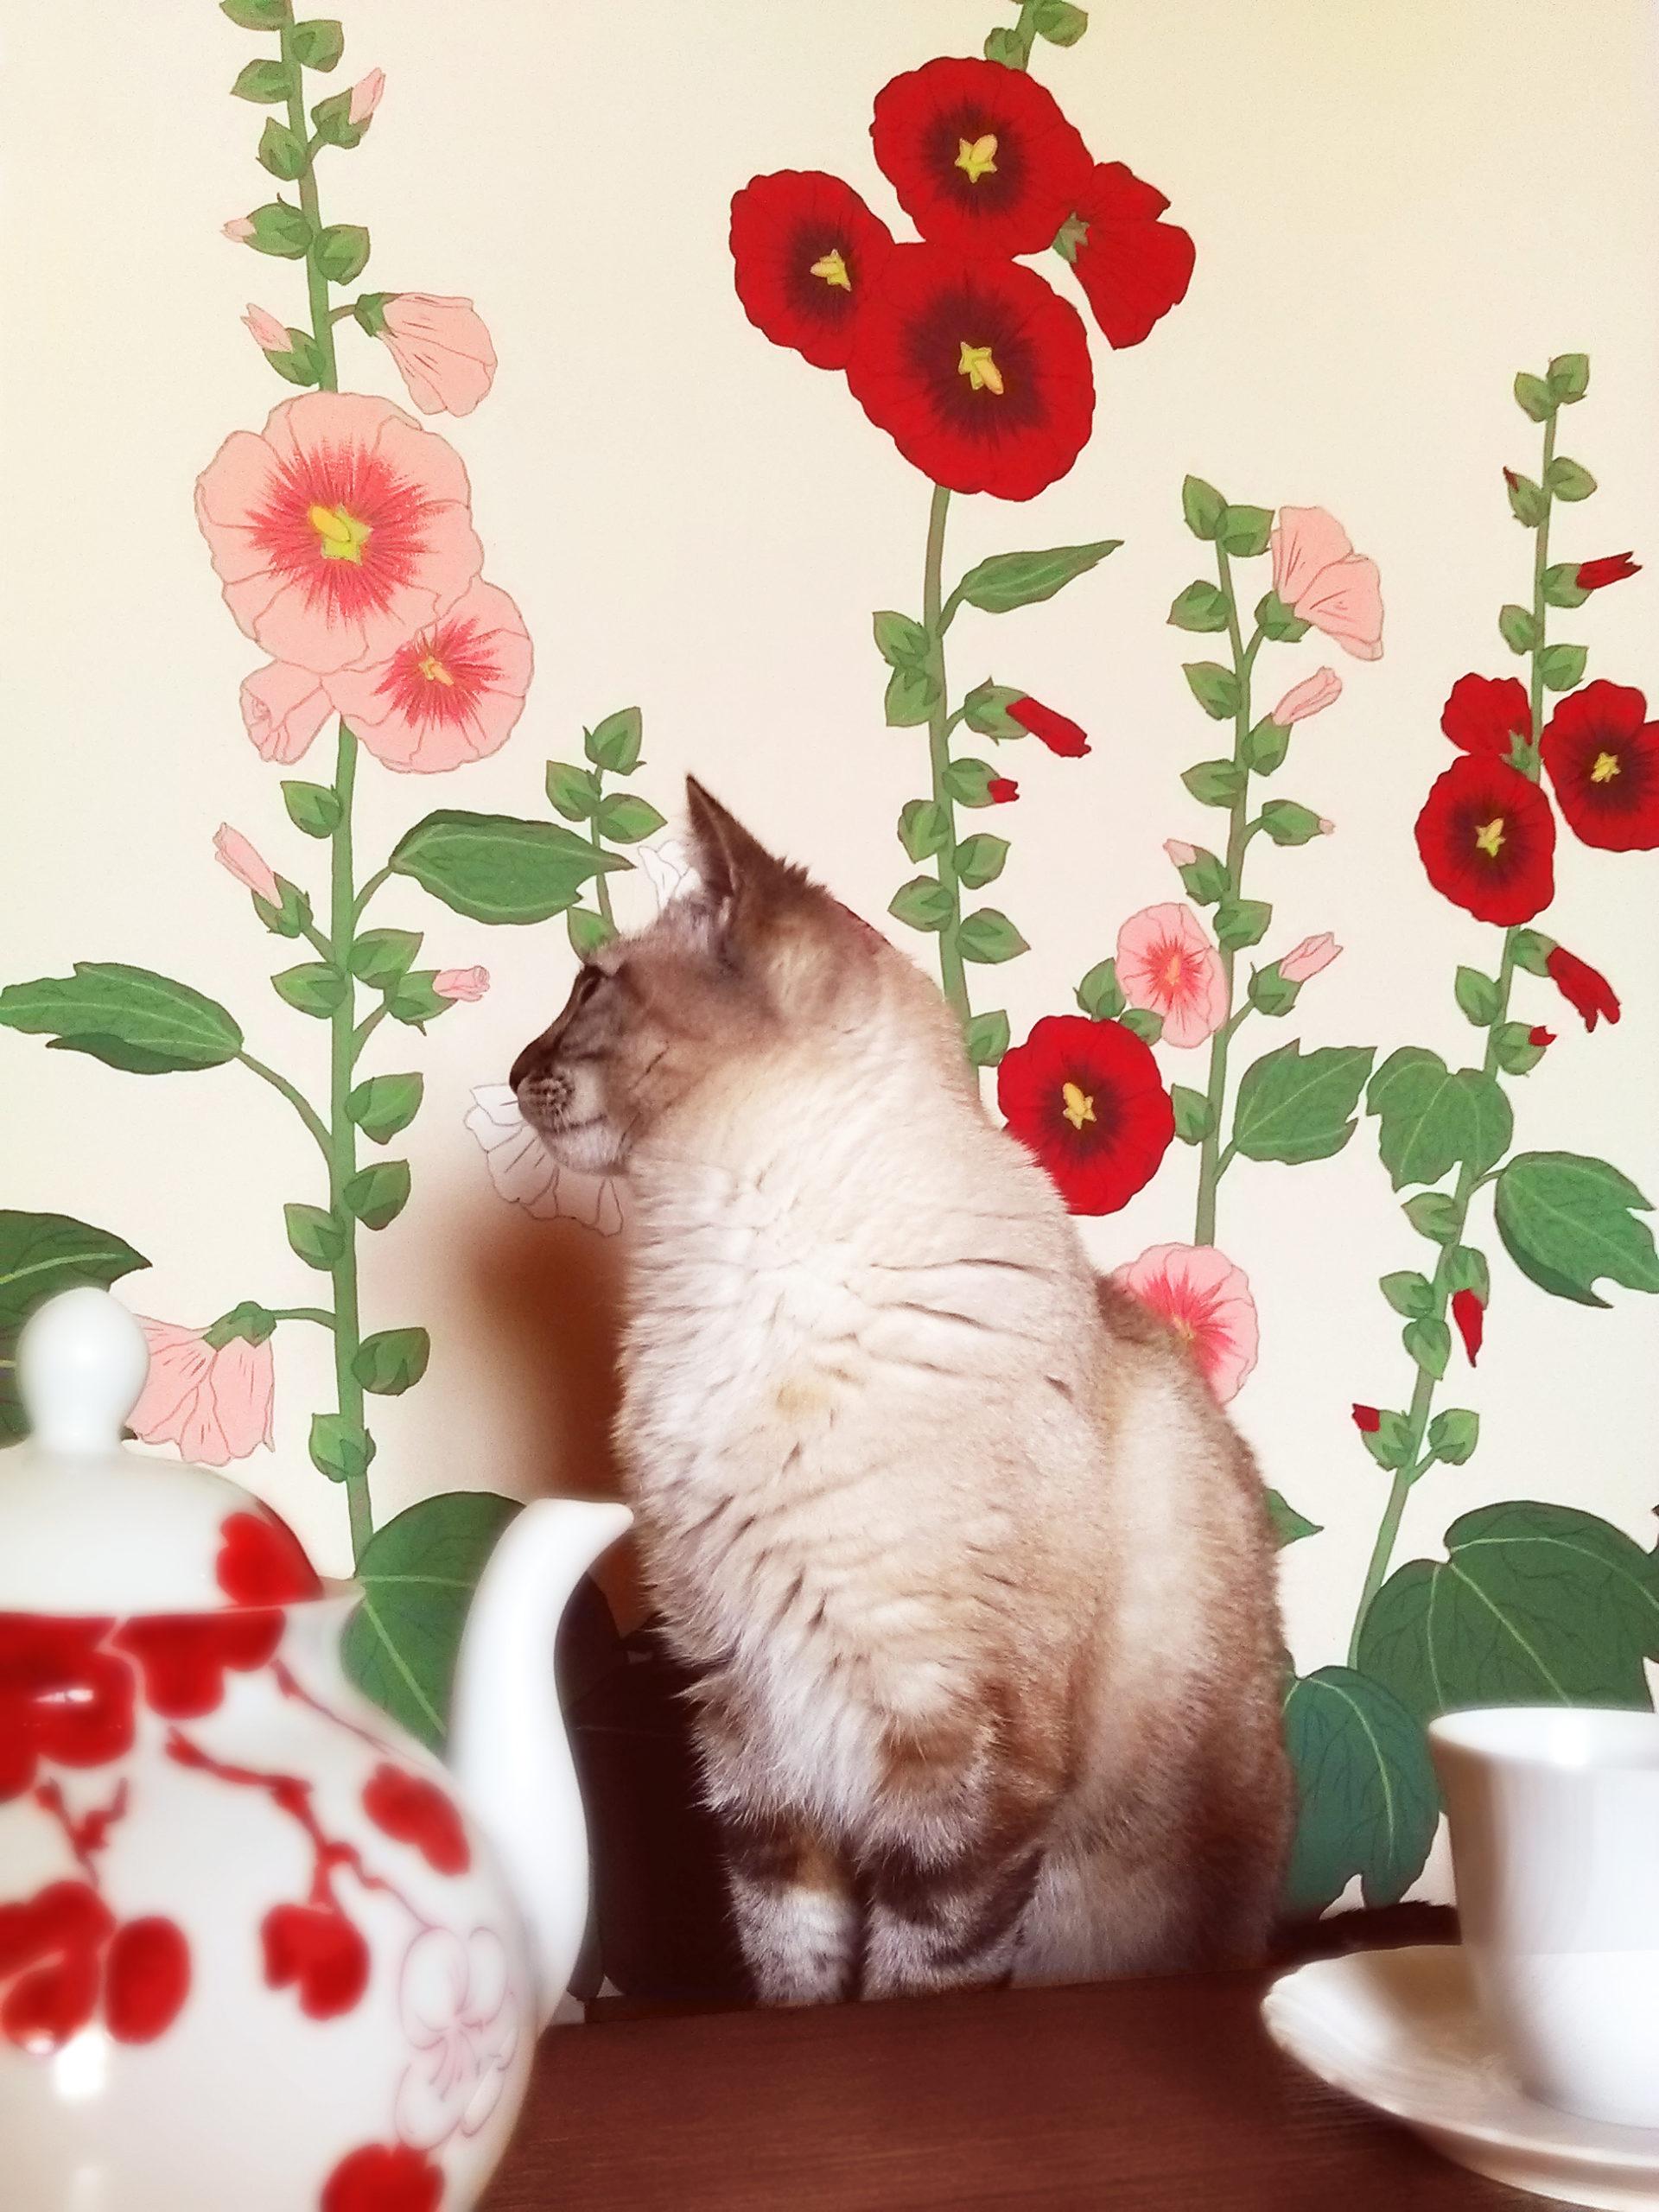 Peinture murale roses tremieres, Assilem décors, peintre en décor Bordeaux, décoration intérieure, peintre décorateur